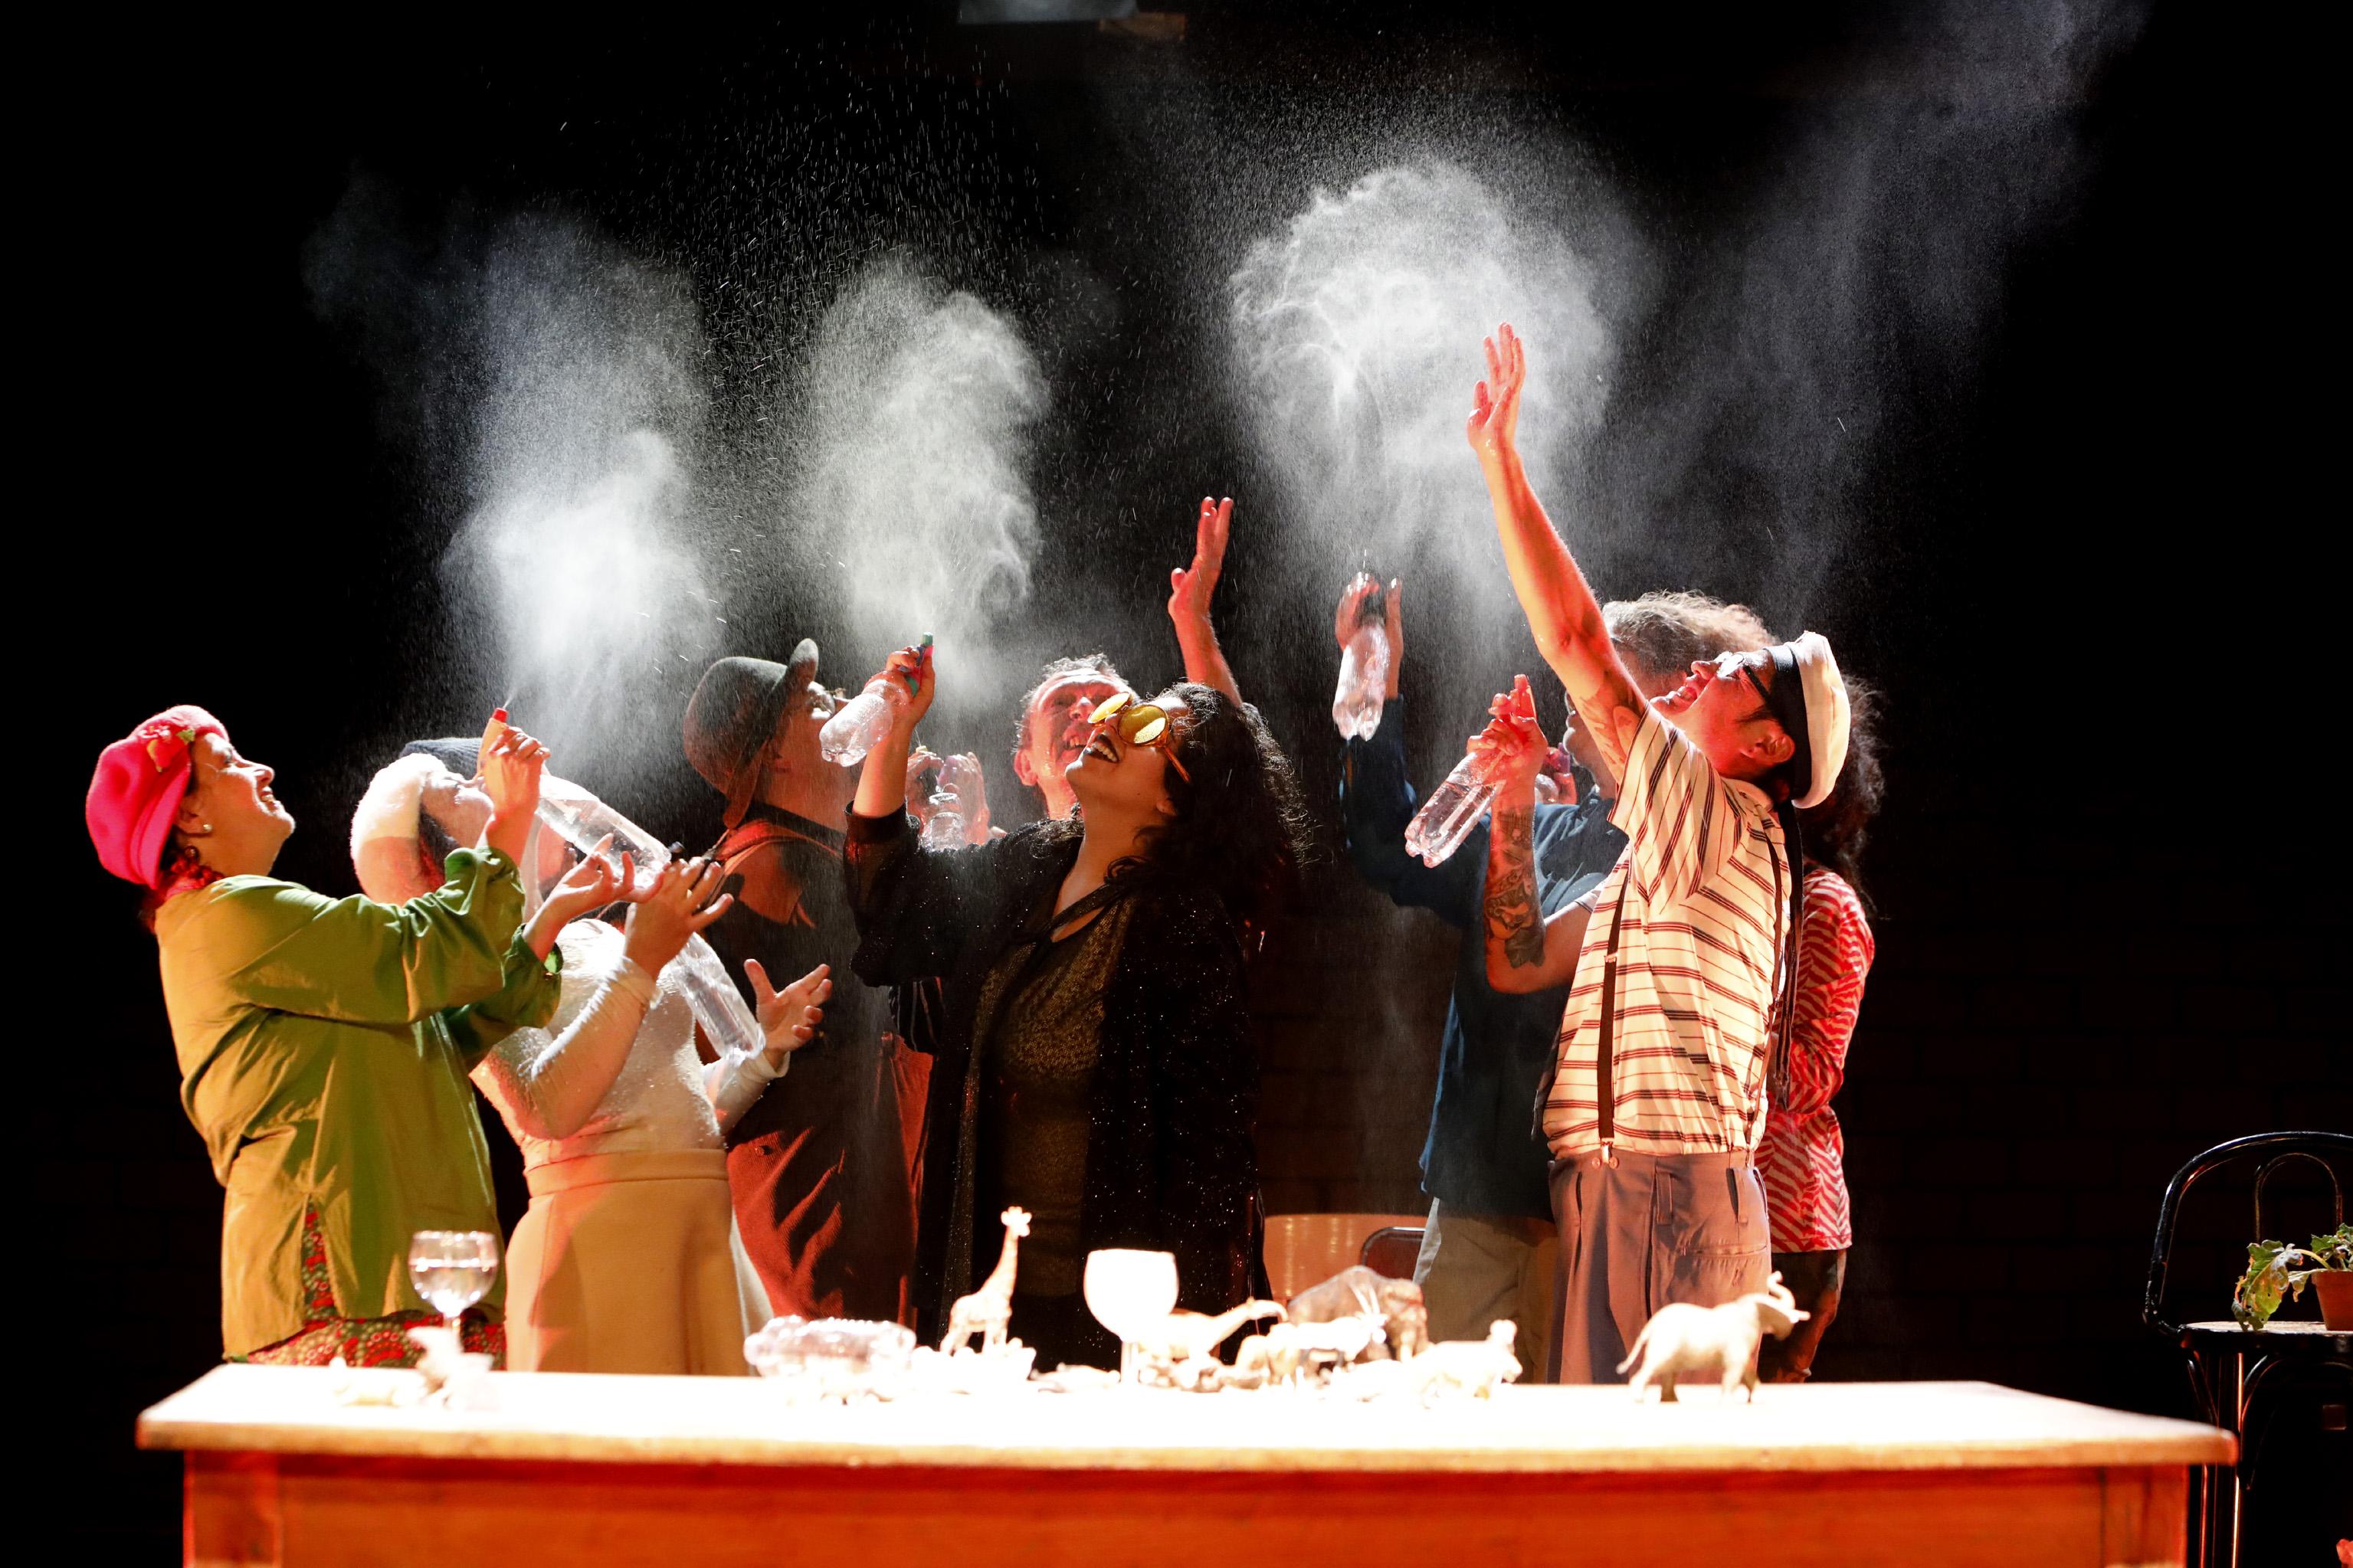 Municipios de La Paz y Bonn producen una obra de teatro